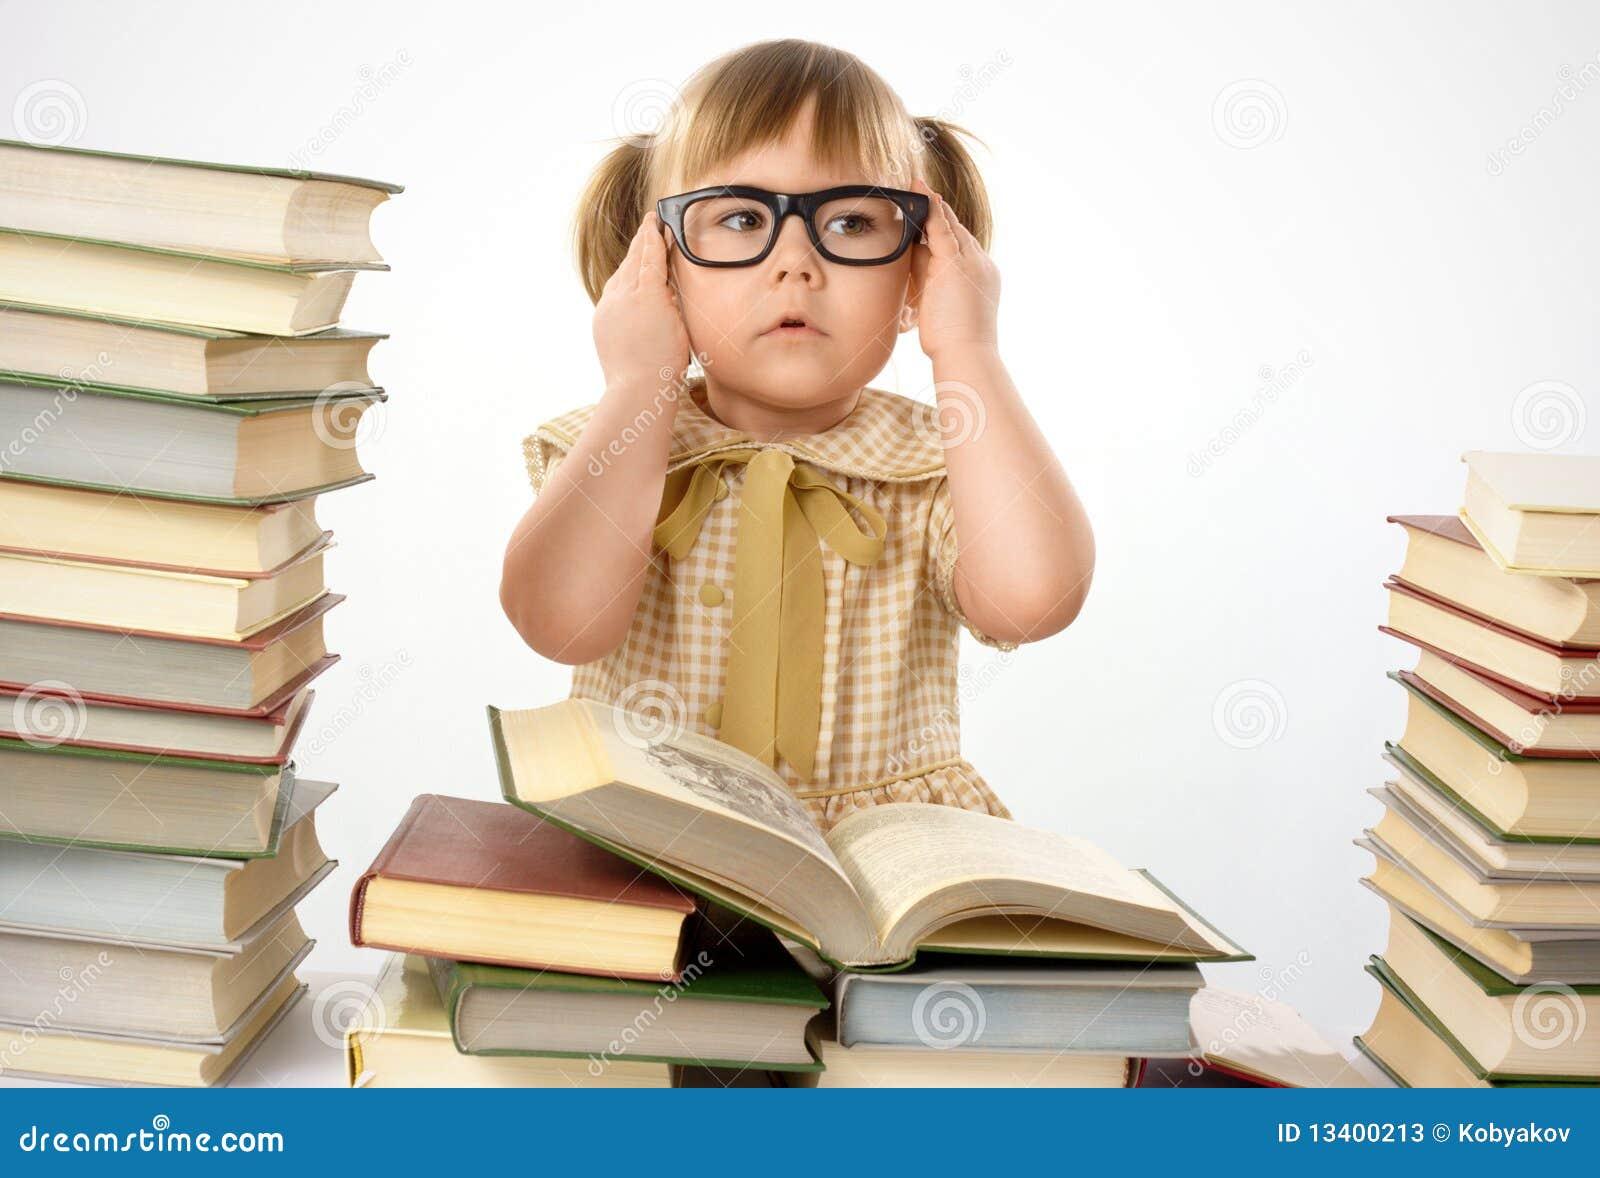 Writing a 'Little Women' Book Report